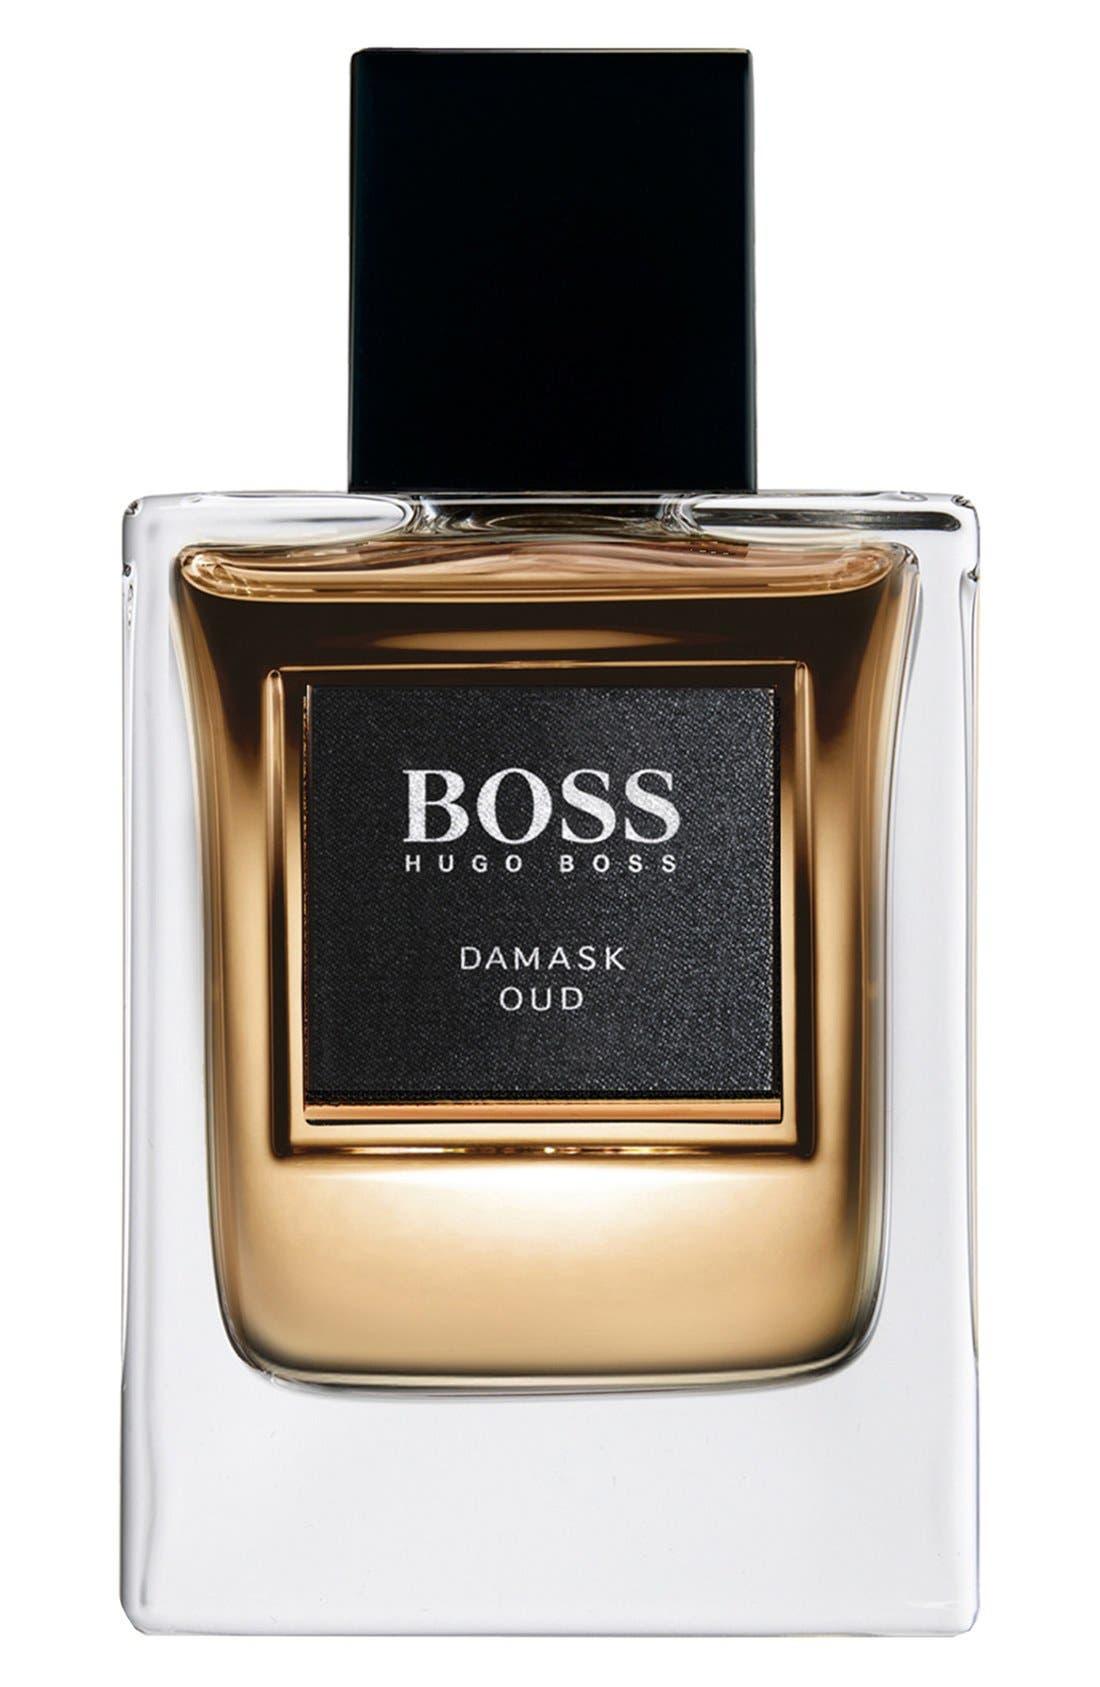 BOSS 'The Collection - Damask Oud' Eau de Toilette,                             Main thumbnail 1, color,                             000